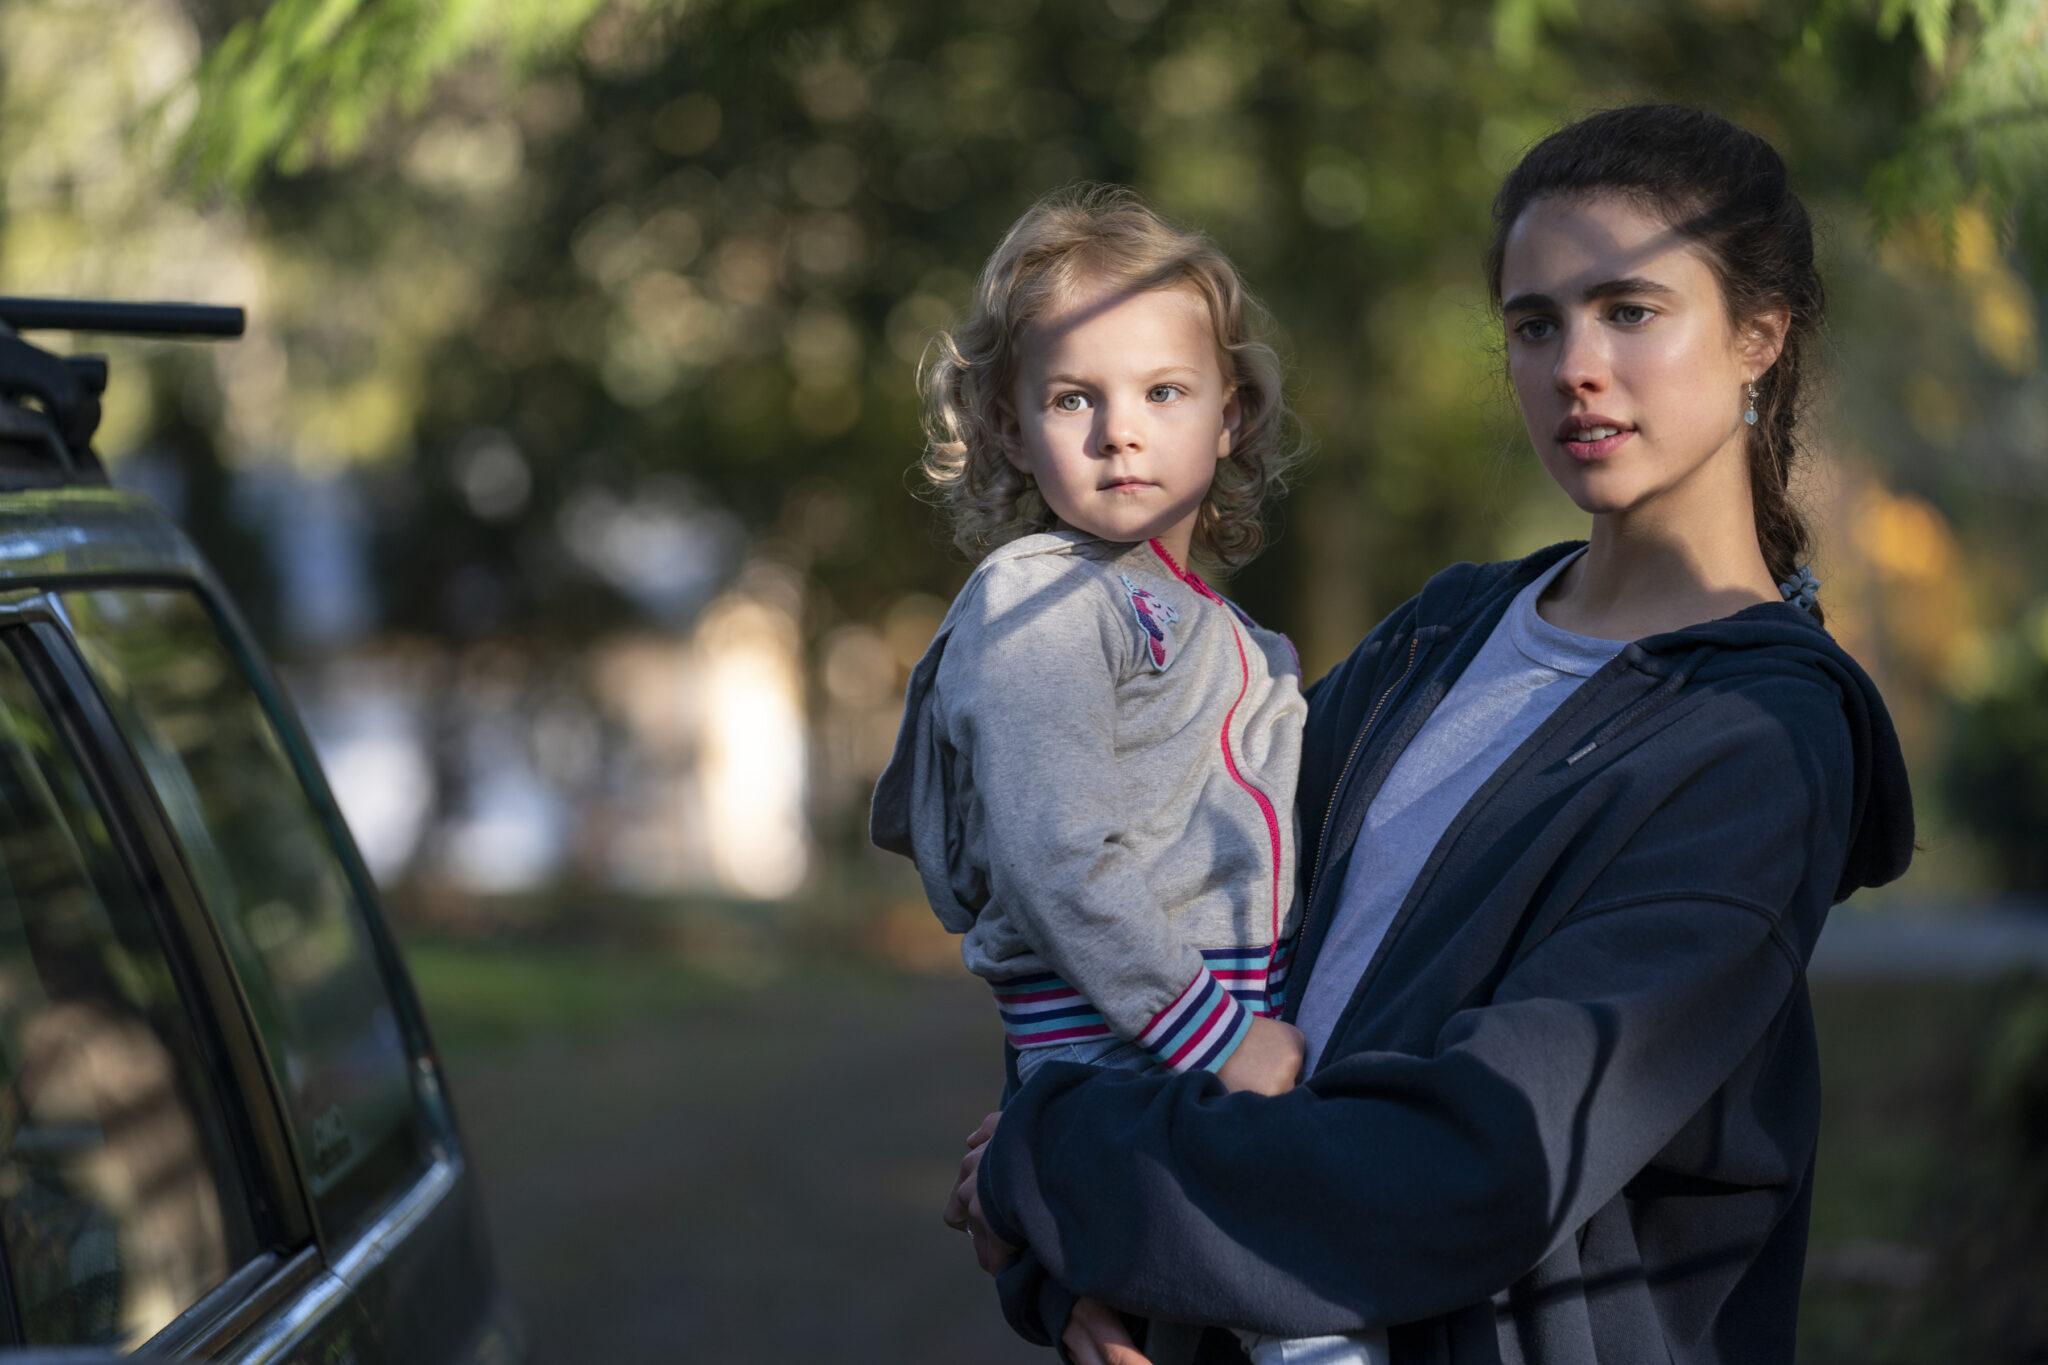 Margaret Qualley hält ein kleines Mädchen mit blonden Haaren in den Armen. Sie stehen vor einem Auto.